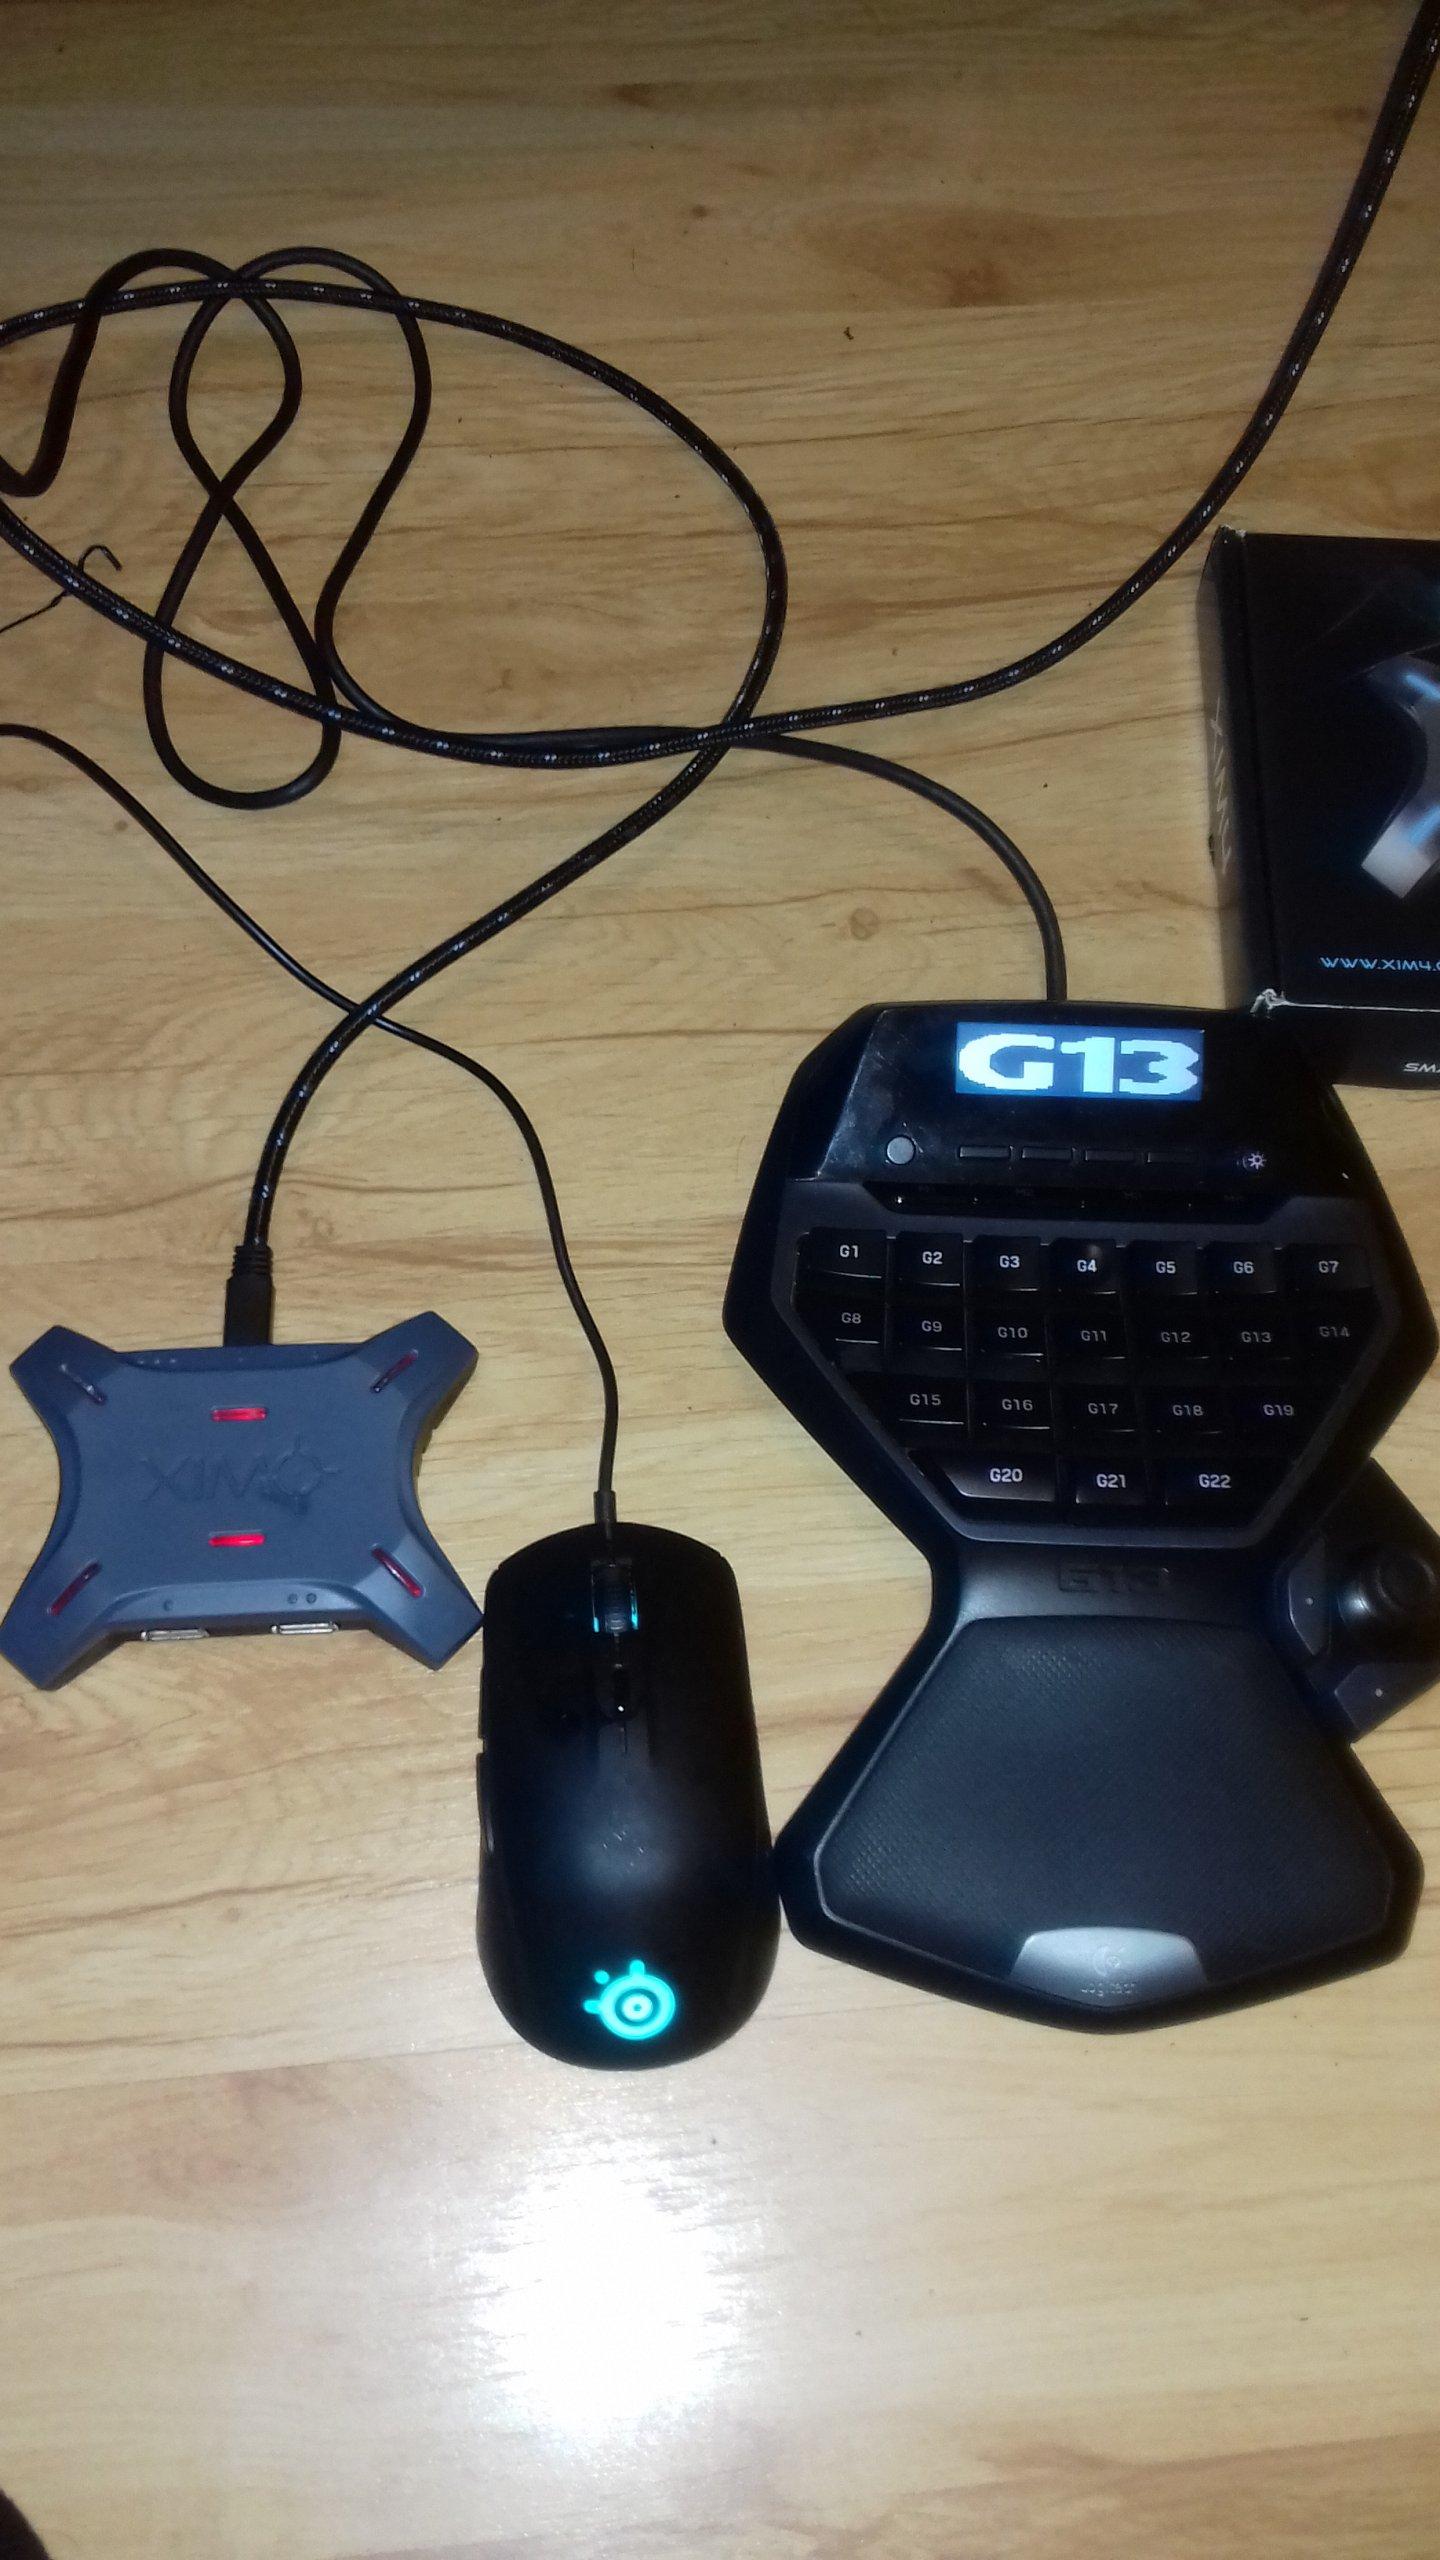 XIM 4 - PS4, PS3, Xbox One, Xbox360 - Zestaw M+K